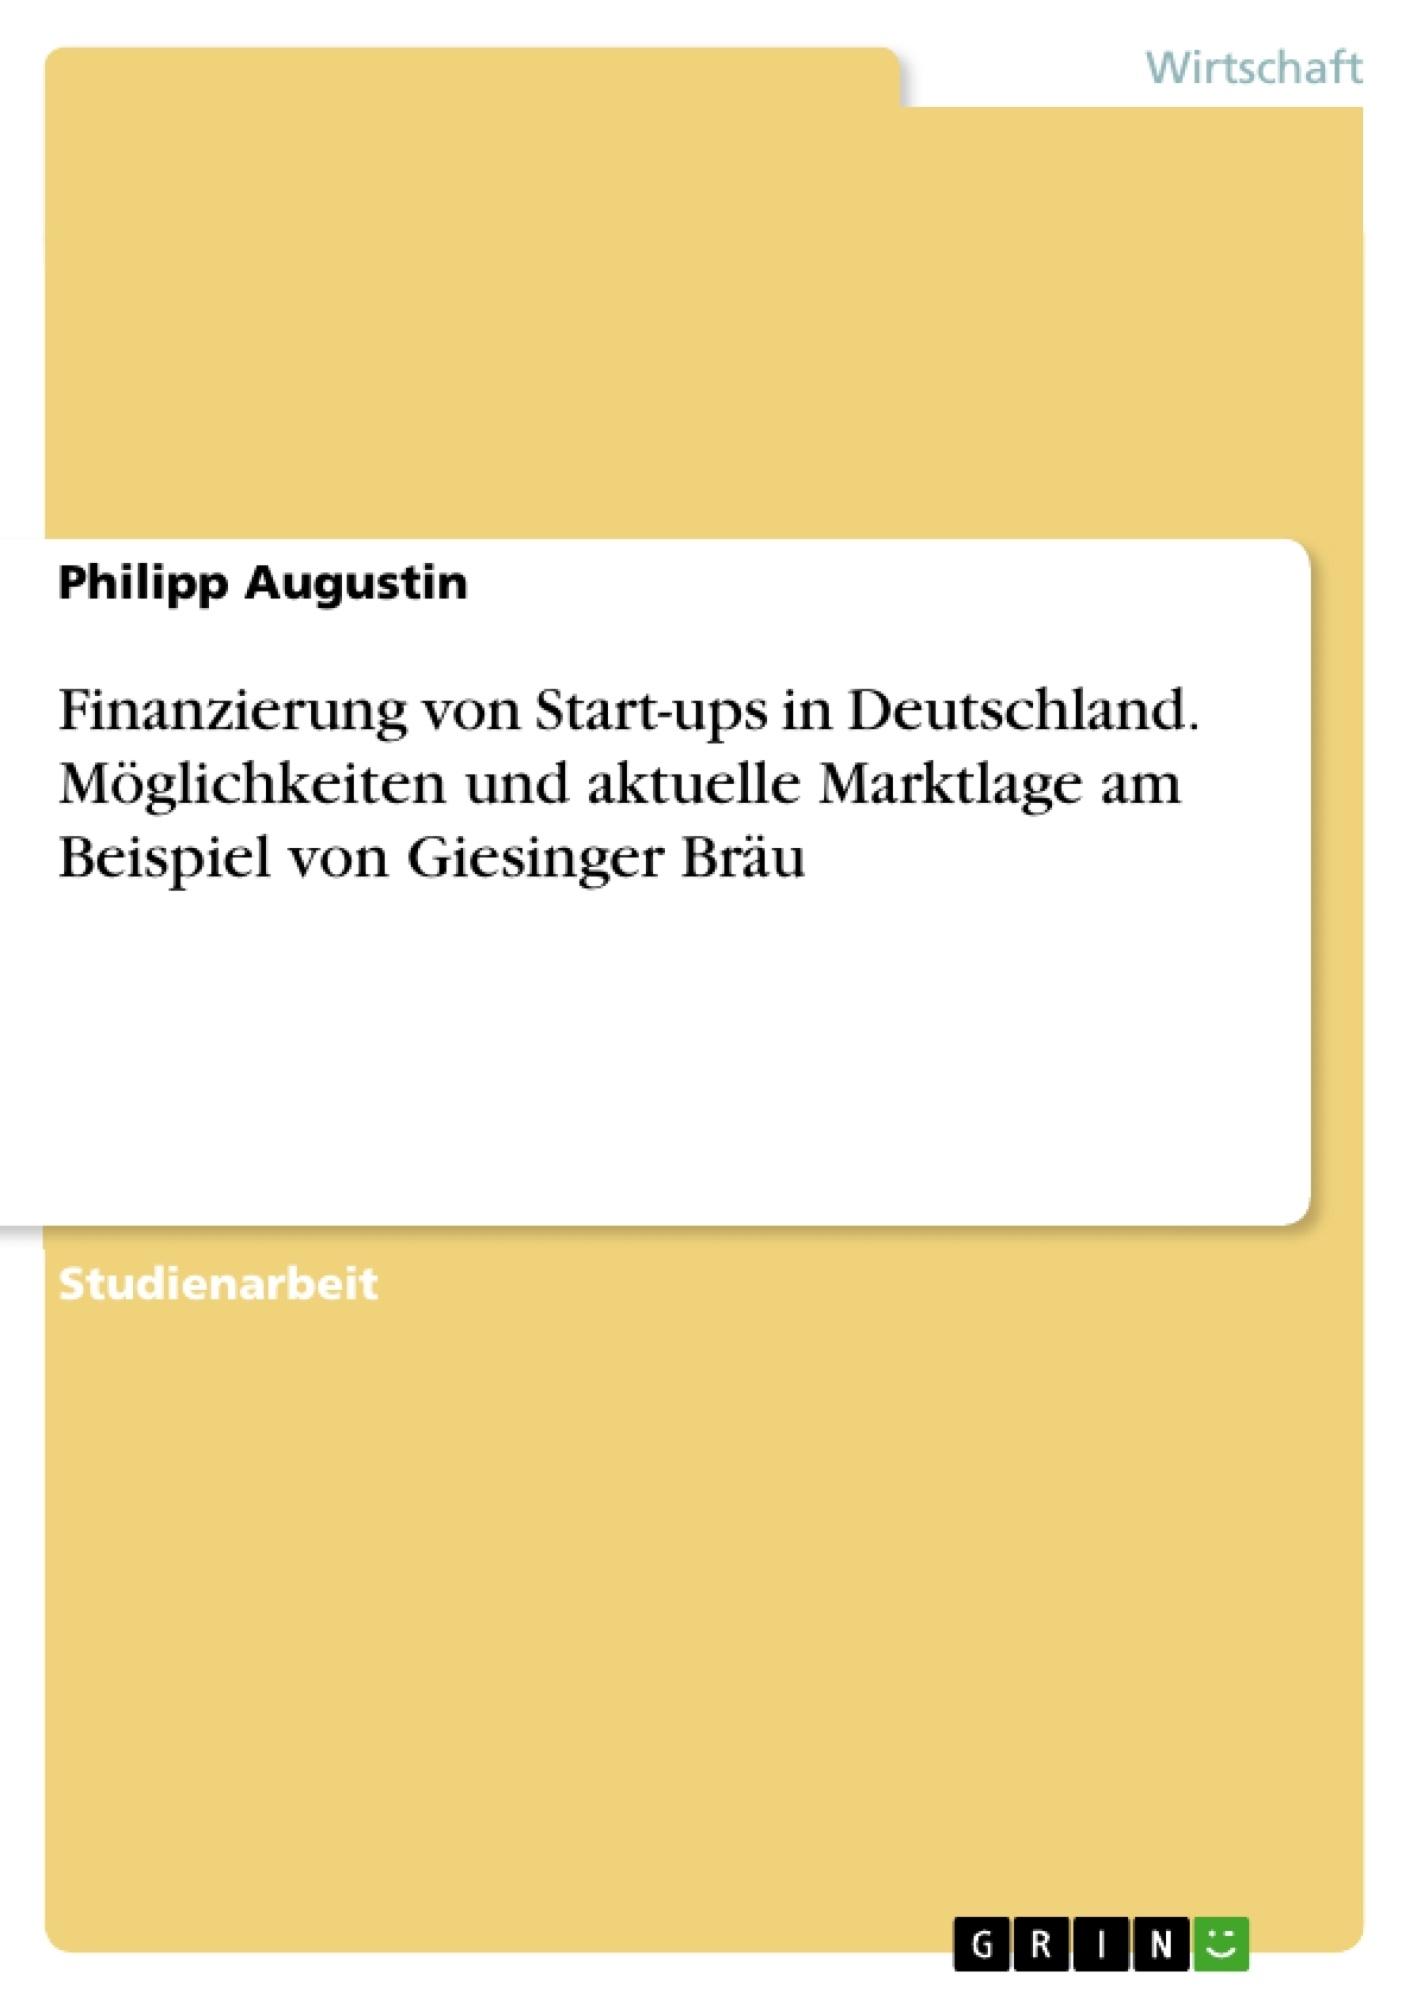 Titel: Finanzierung von Start-ups in Deutschland. Möglichkeiten und aktuelle Marktlage am Beispiel von Giesinger Bräu